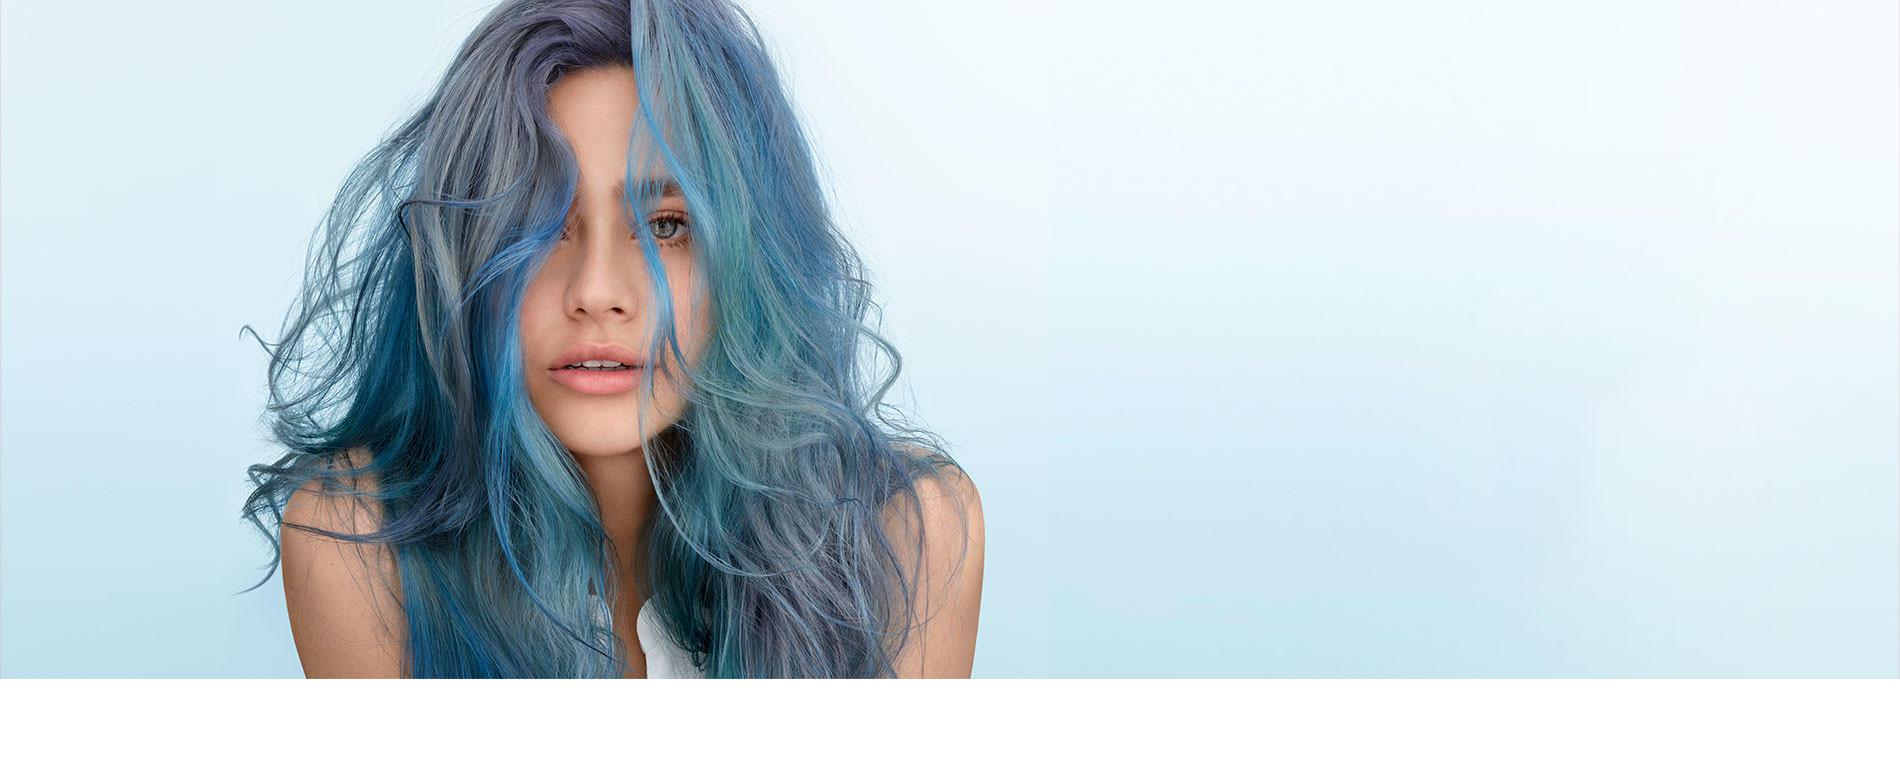 Vella Koleston - a palette of bright and vibrant colors